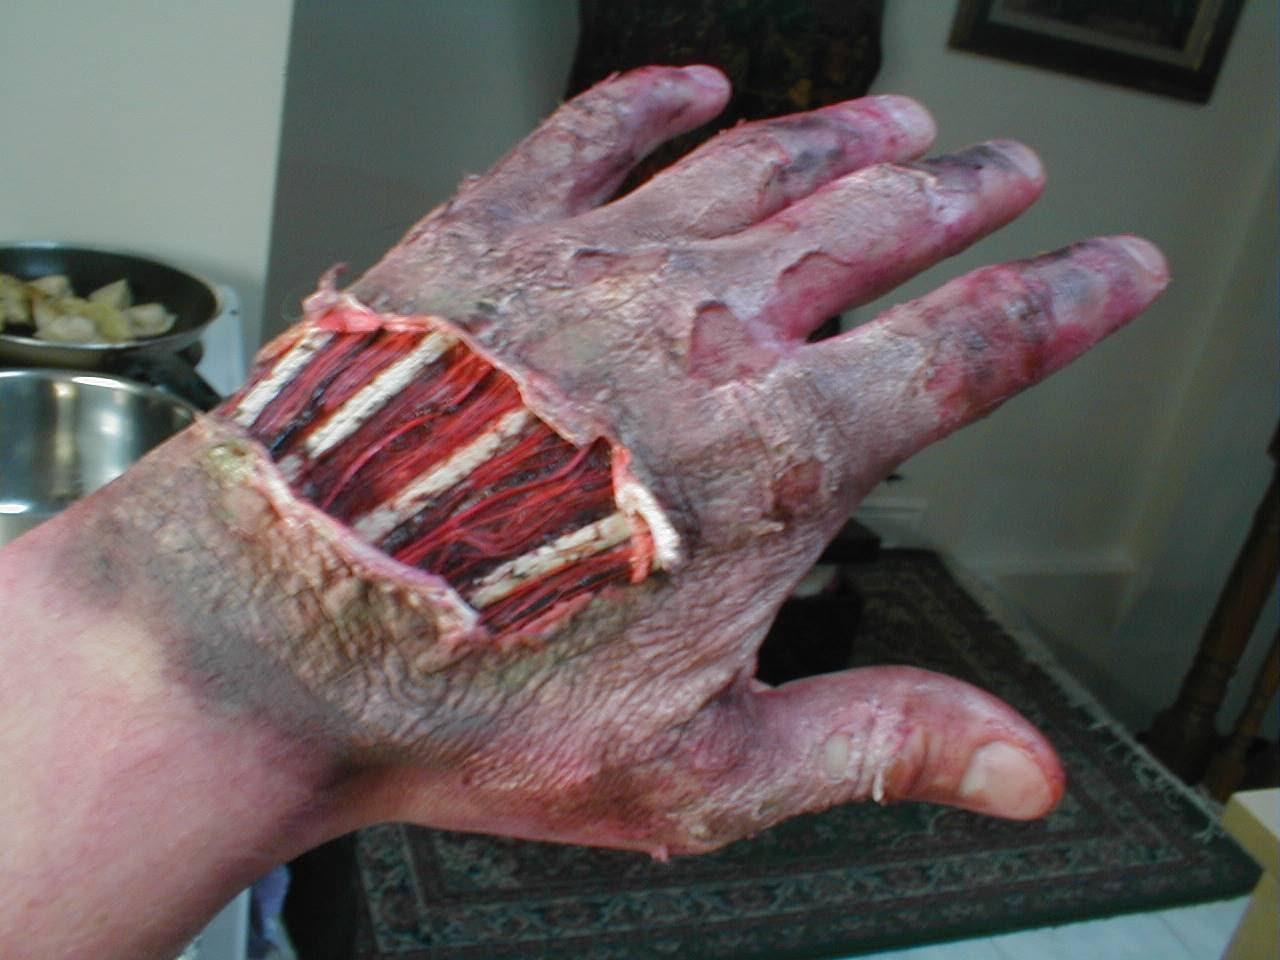 zombies - razrcorps  zombies - razrc...